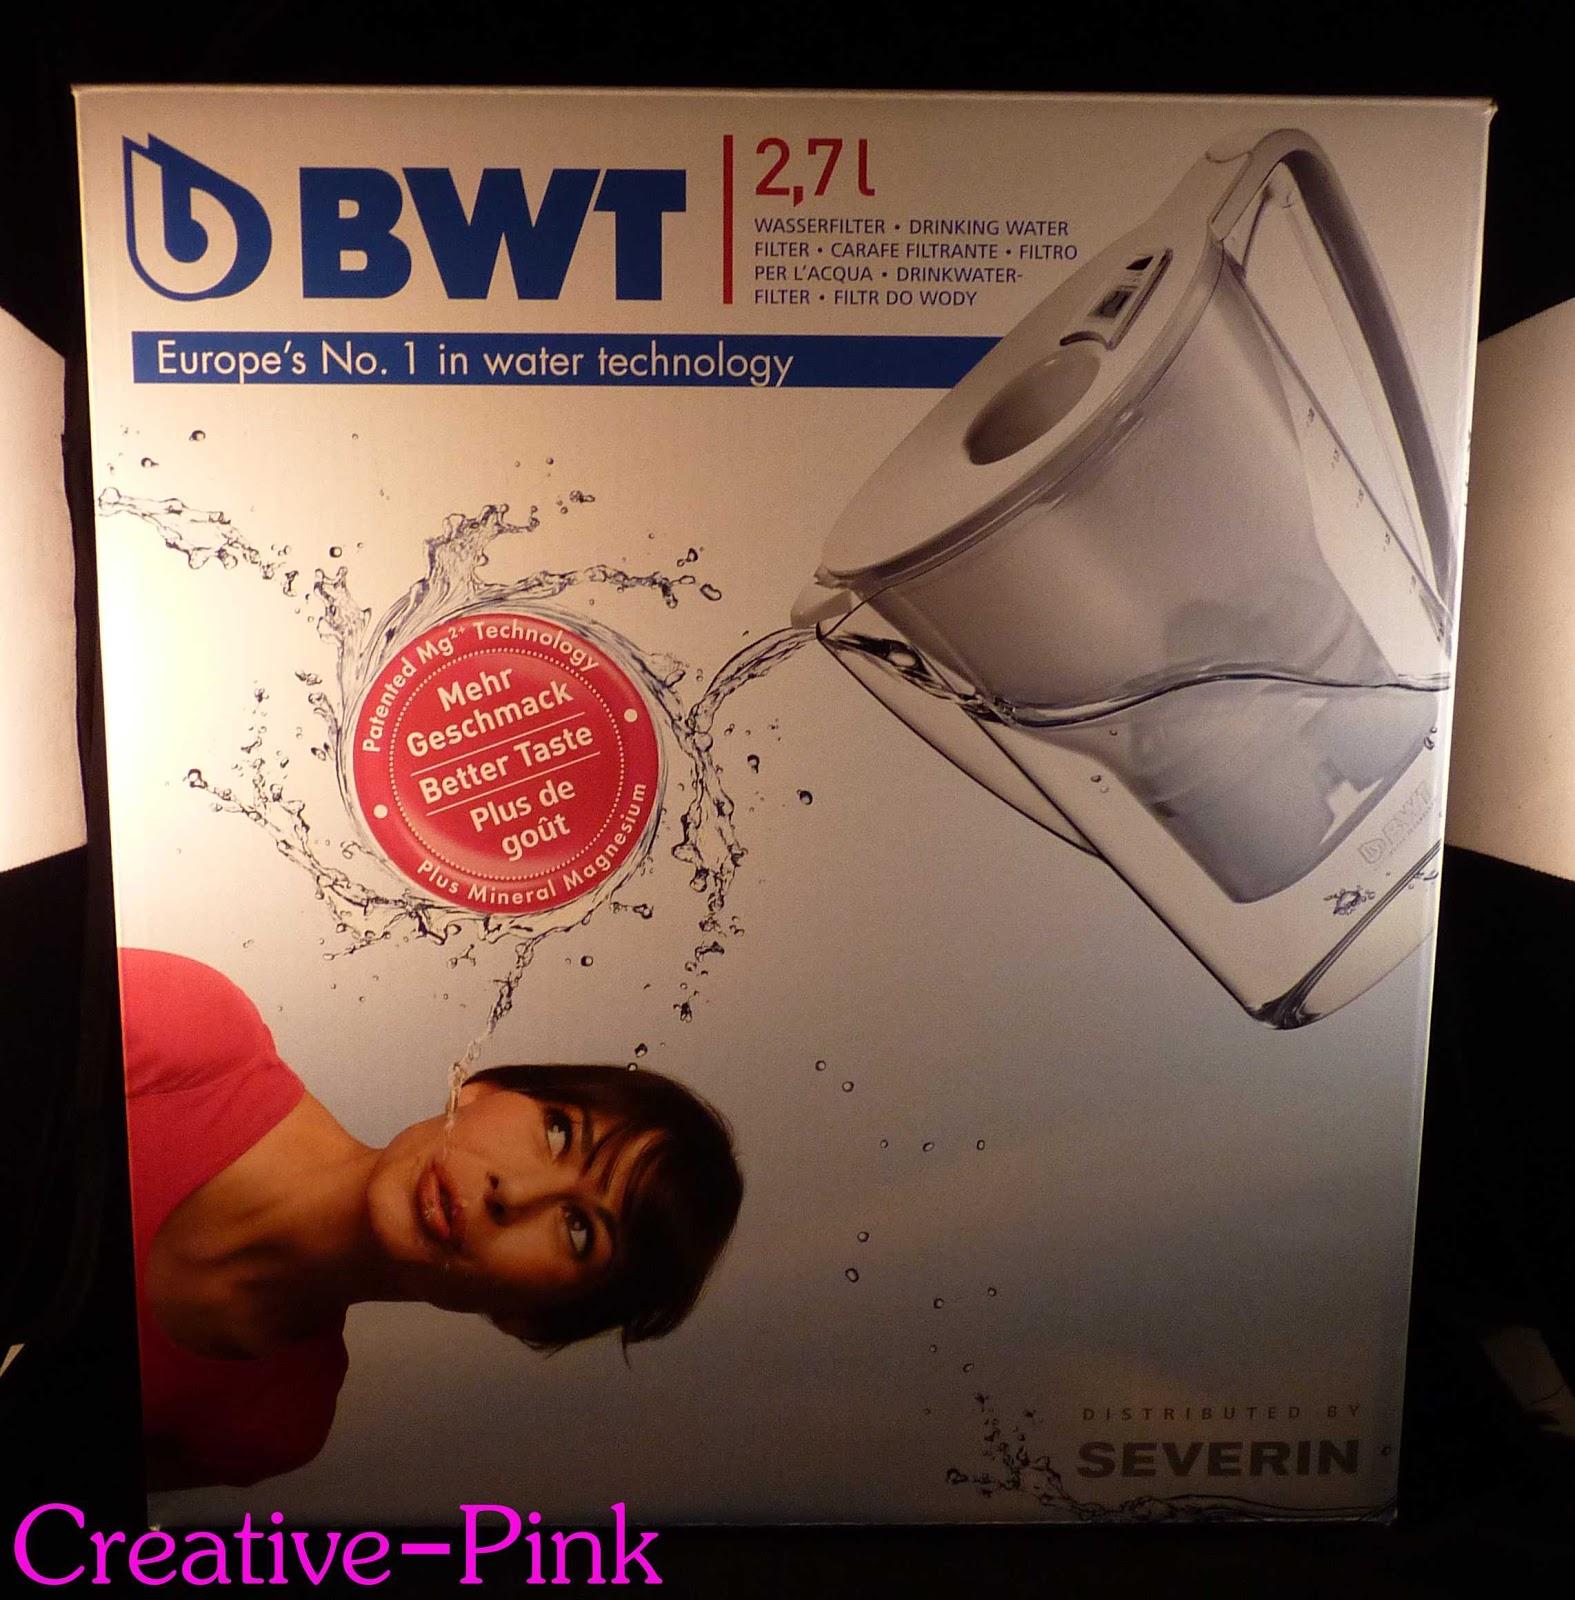 bwt tischwasserfilter gefiltertes wasser zum trinken und kochen creative pink. Black Bedroom Furniture Sets. Home Design Ideas